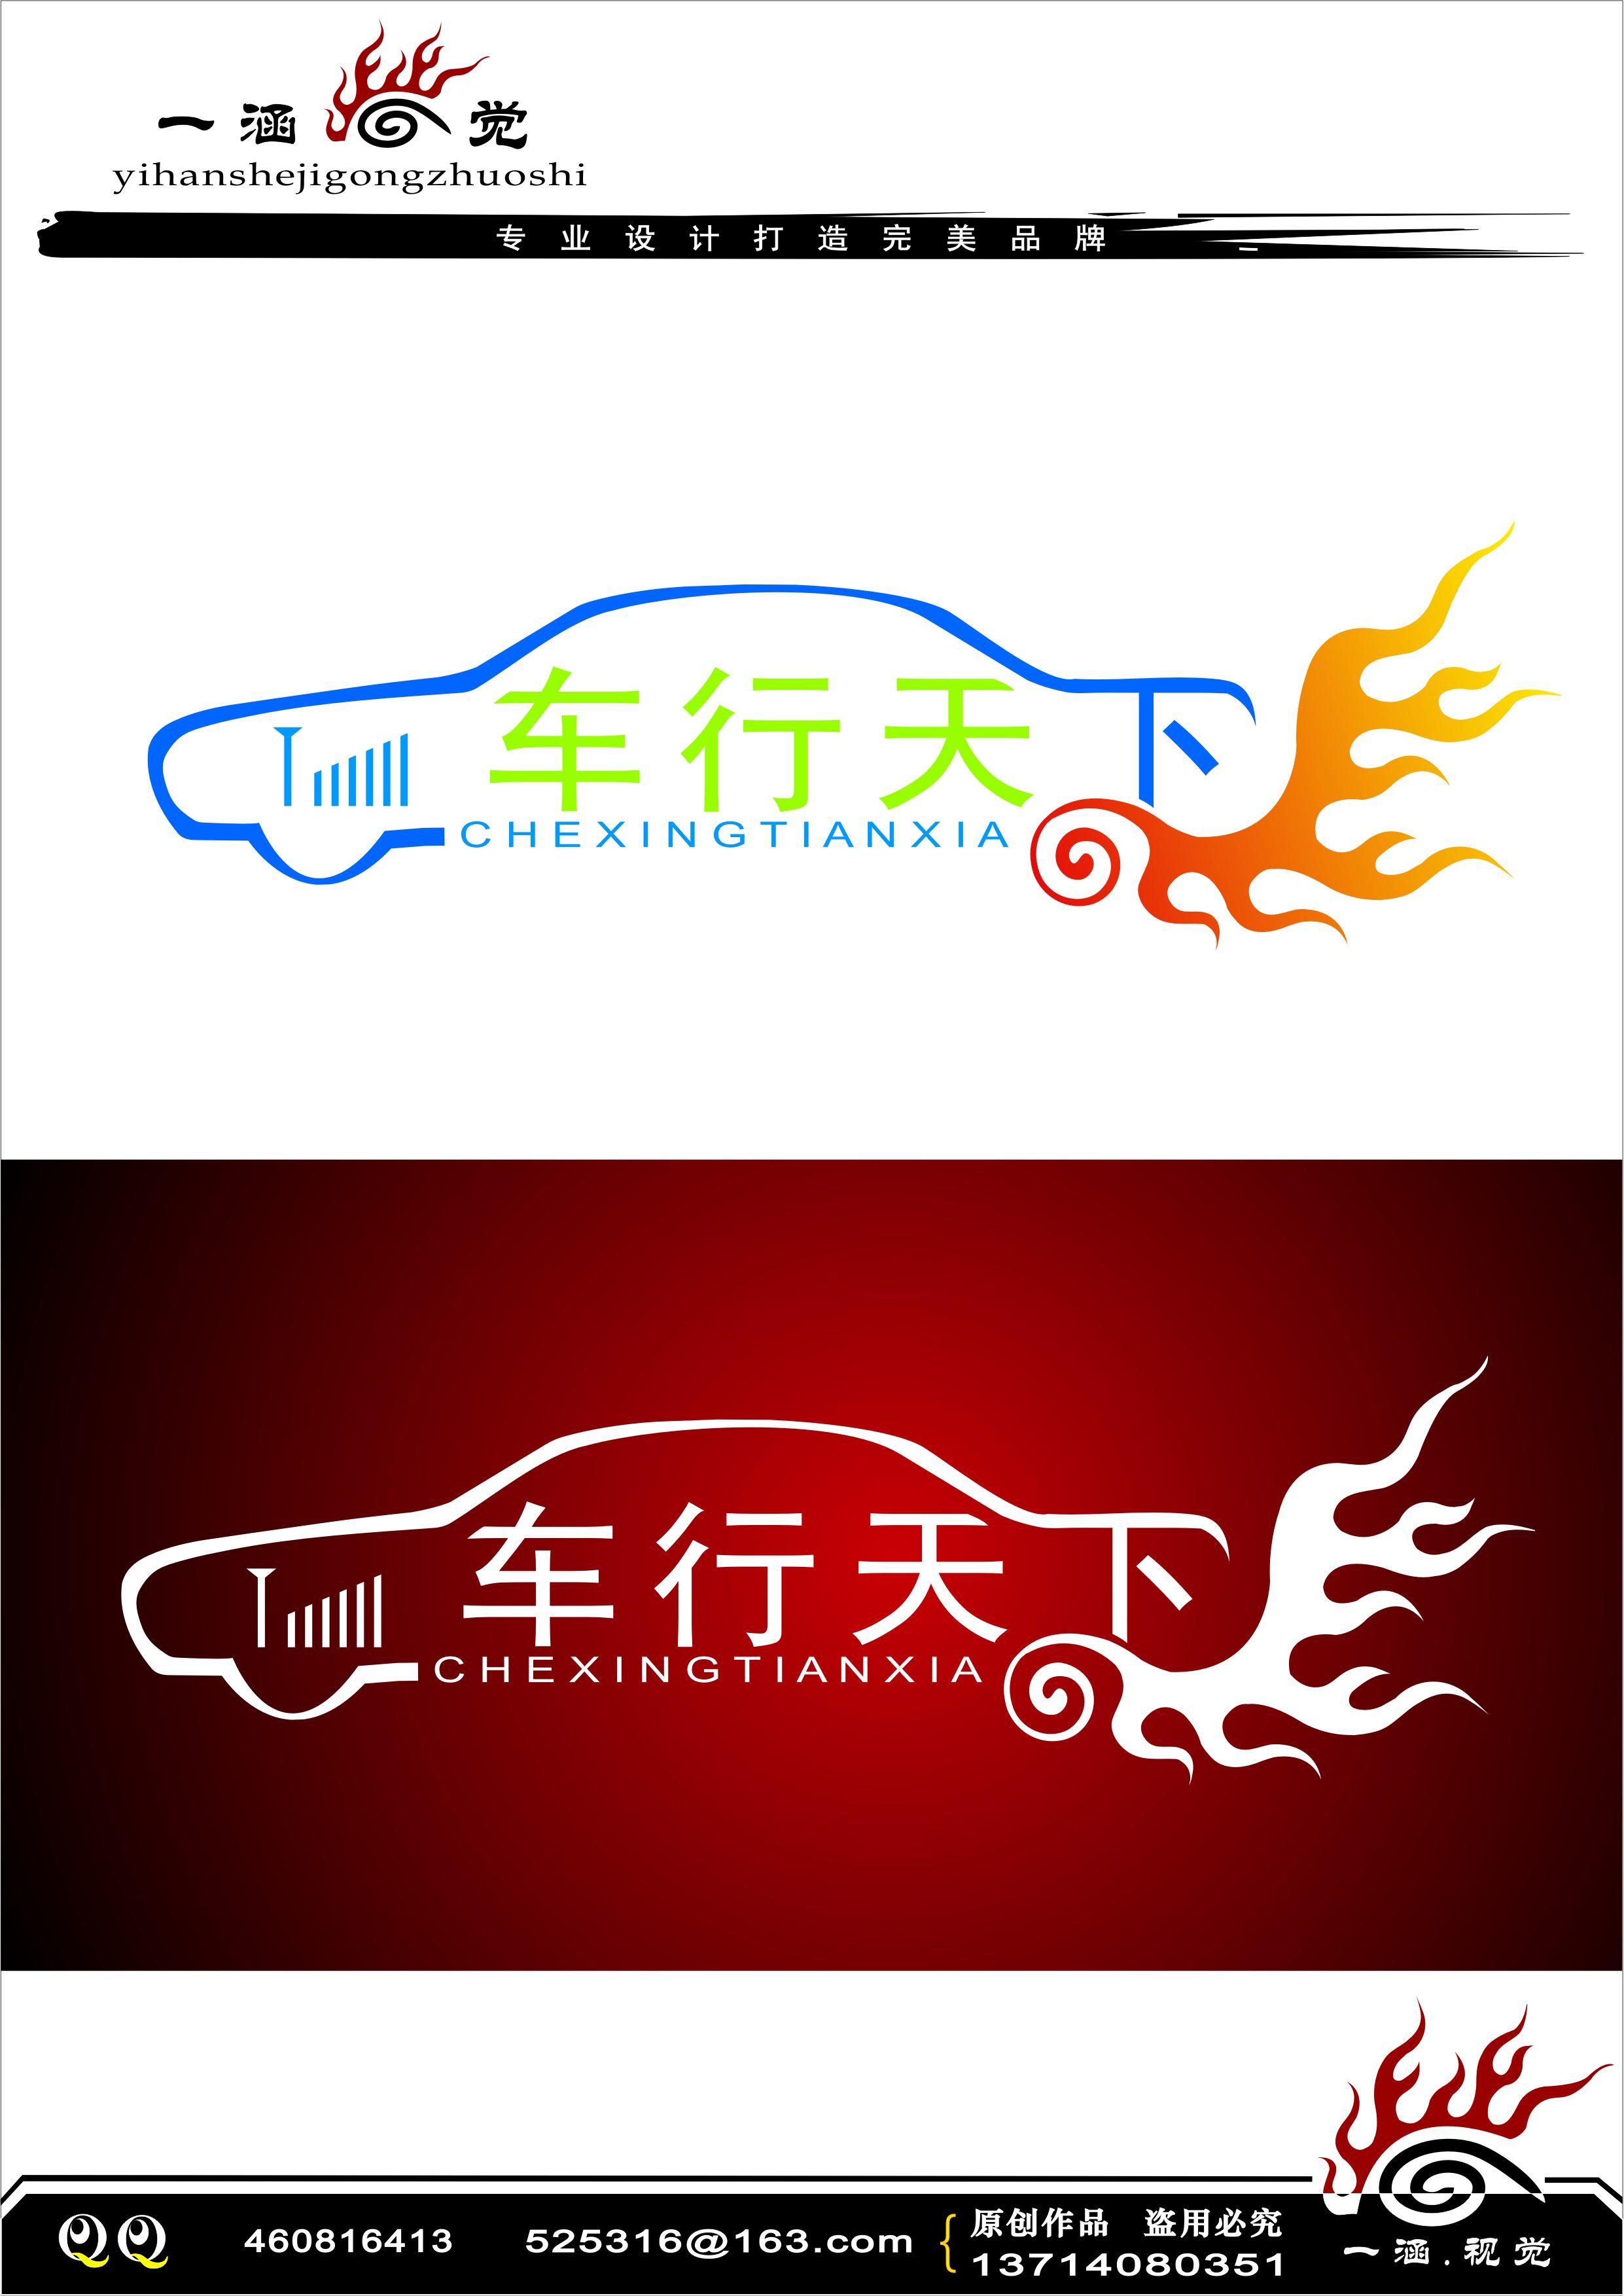 天大 和 车行天下 商标设计图片